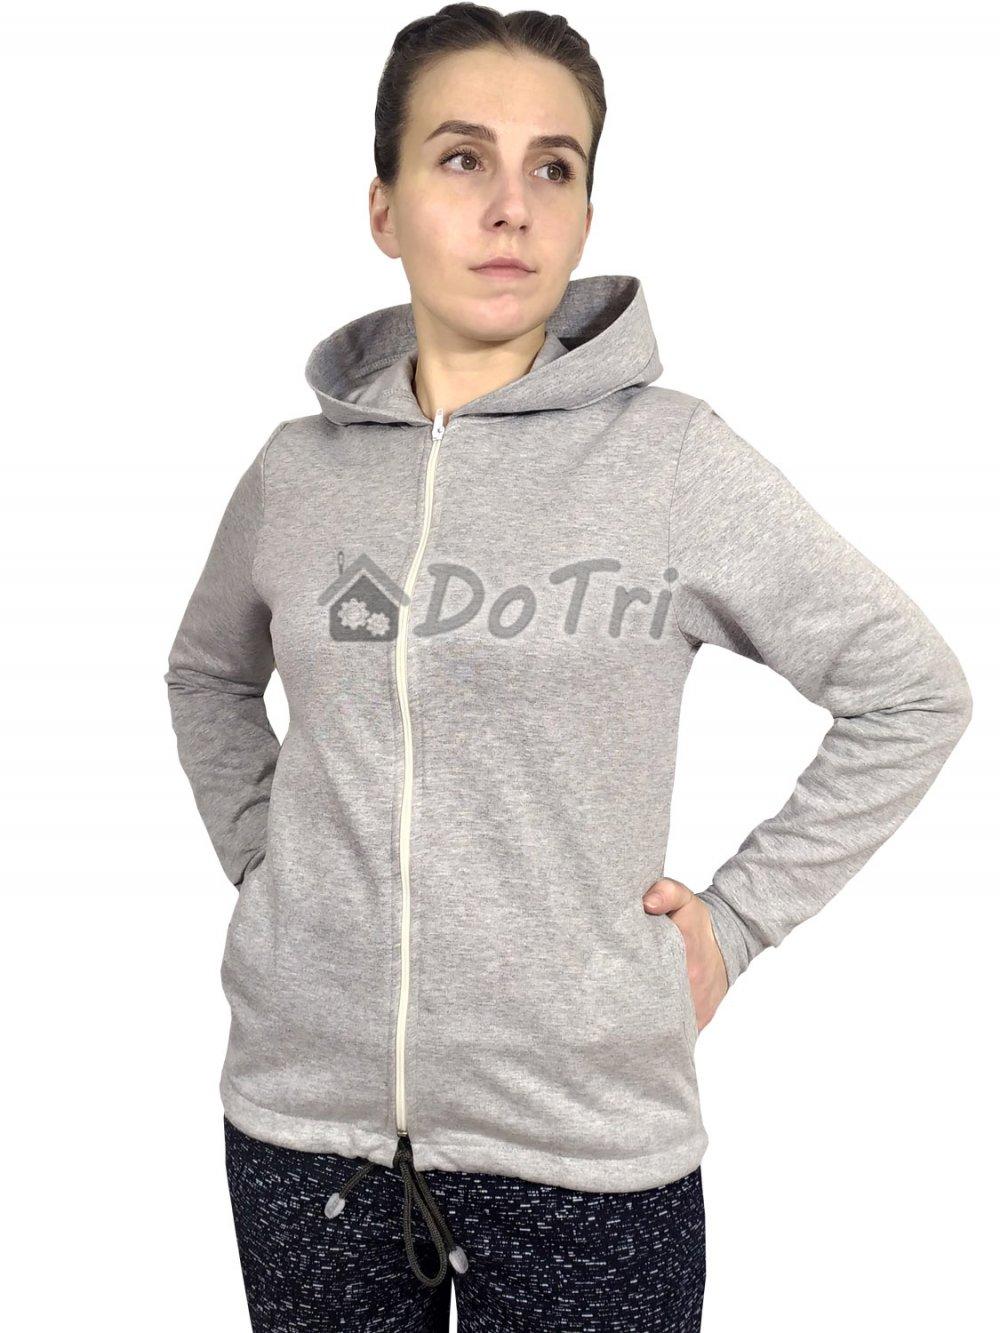 Увеличить - Толстовка с капюшоном арт 009 серый меланж